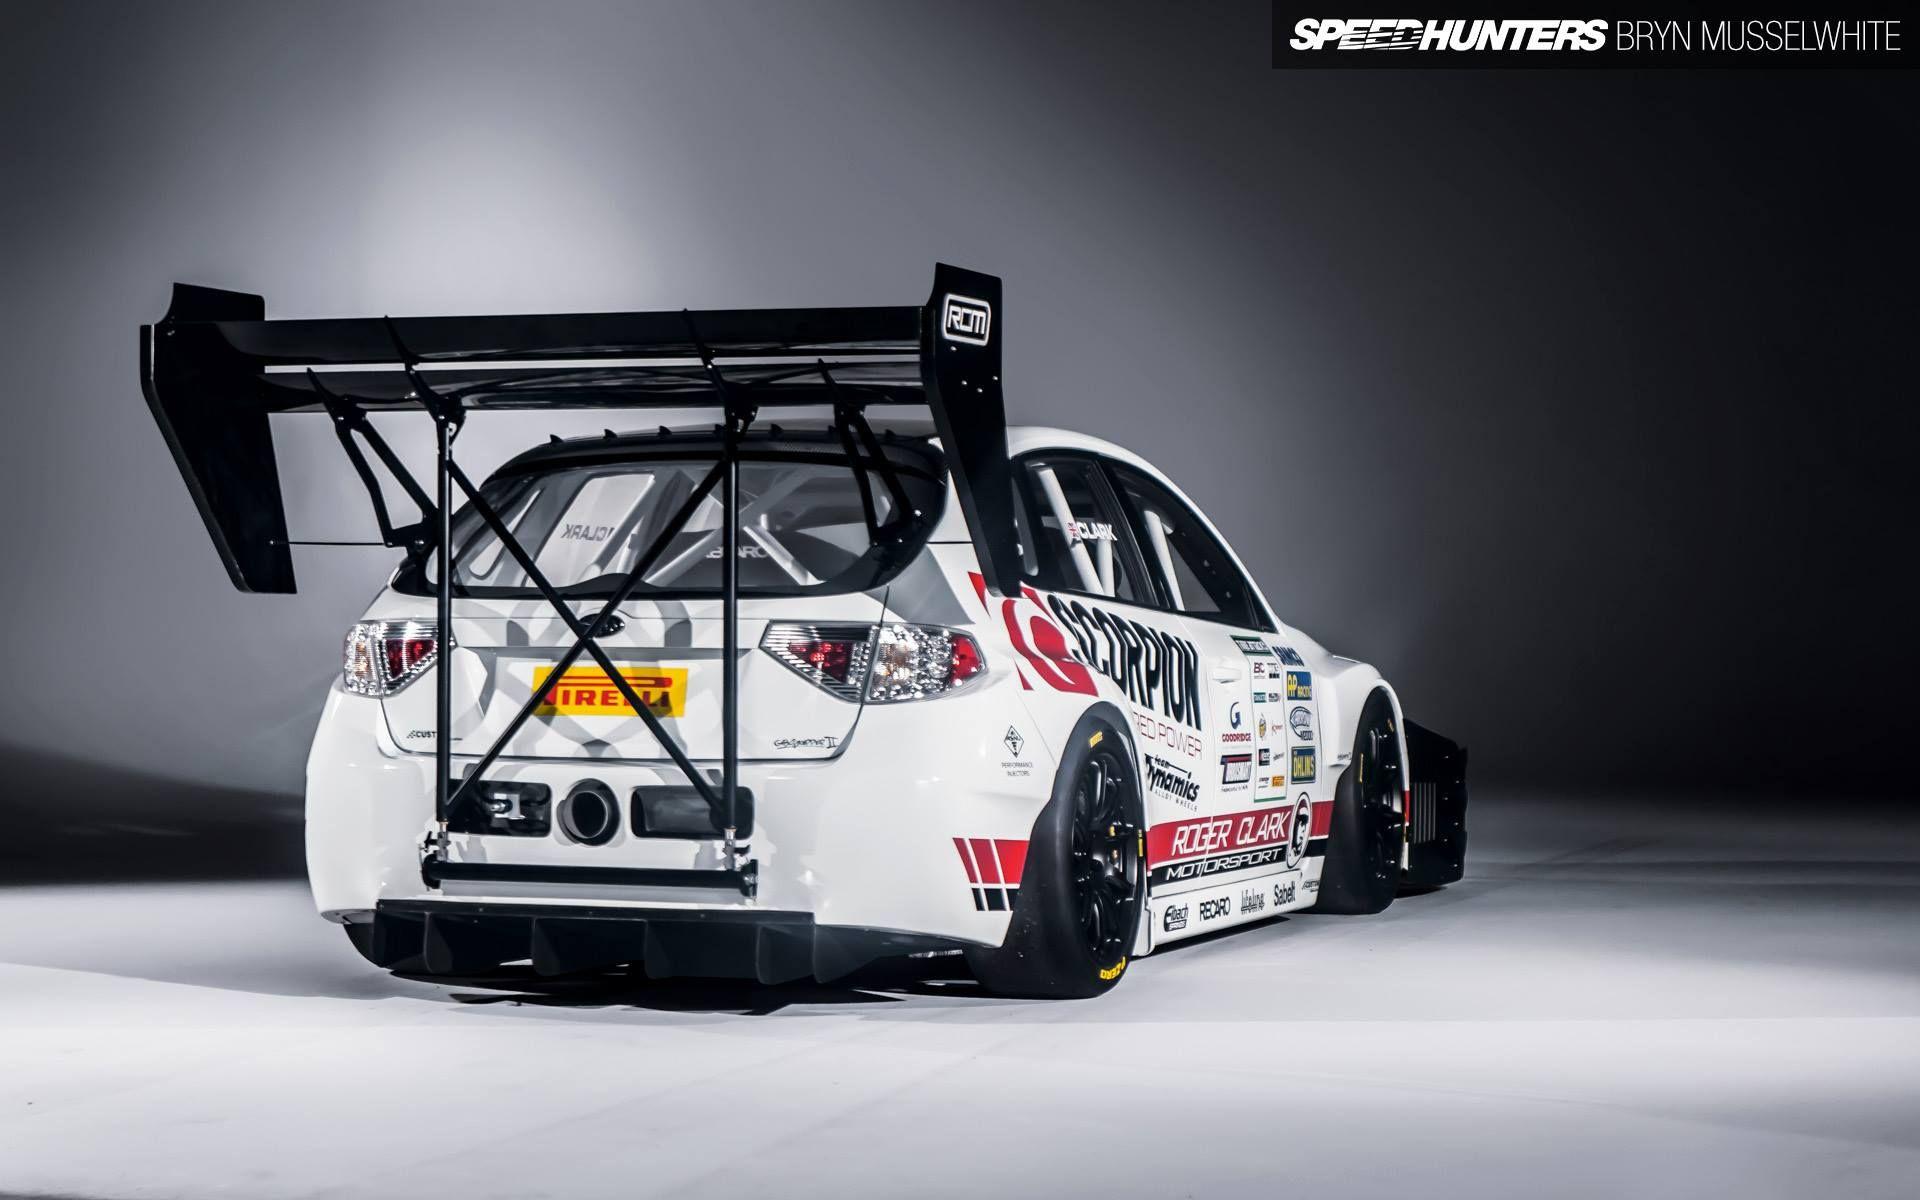 Subaru Sti Time Attack Impreza Jdm Subaru Street Racing Cars